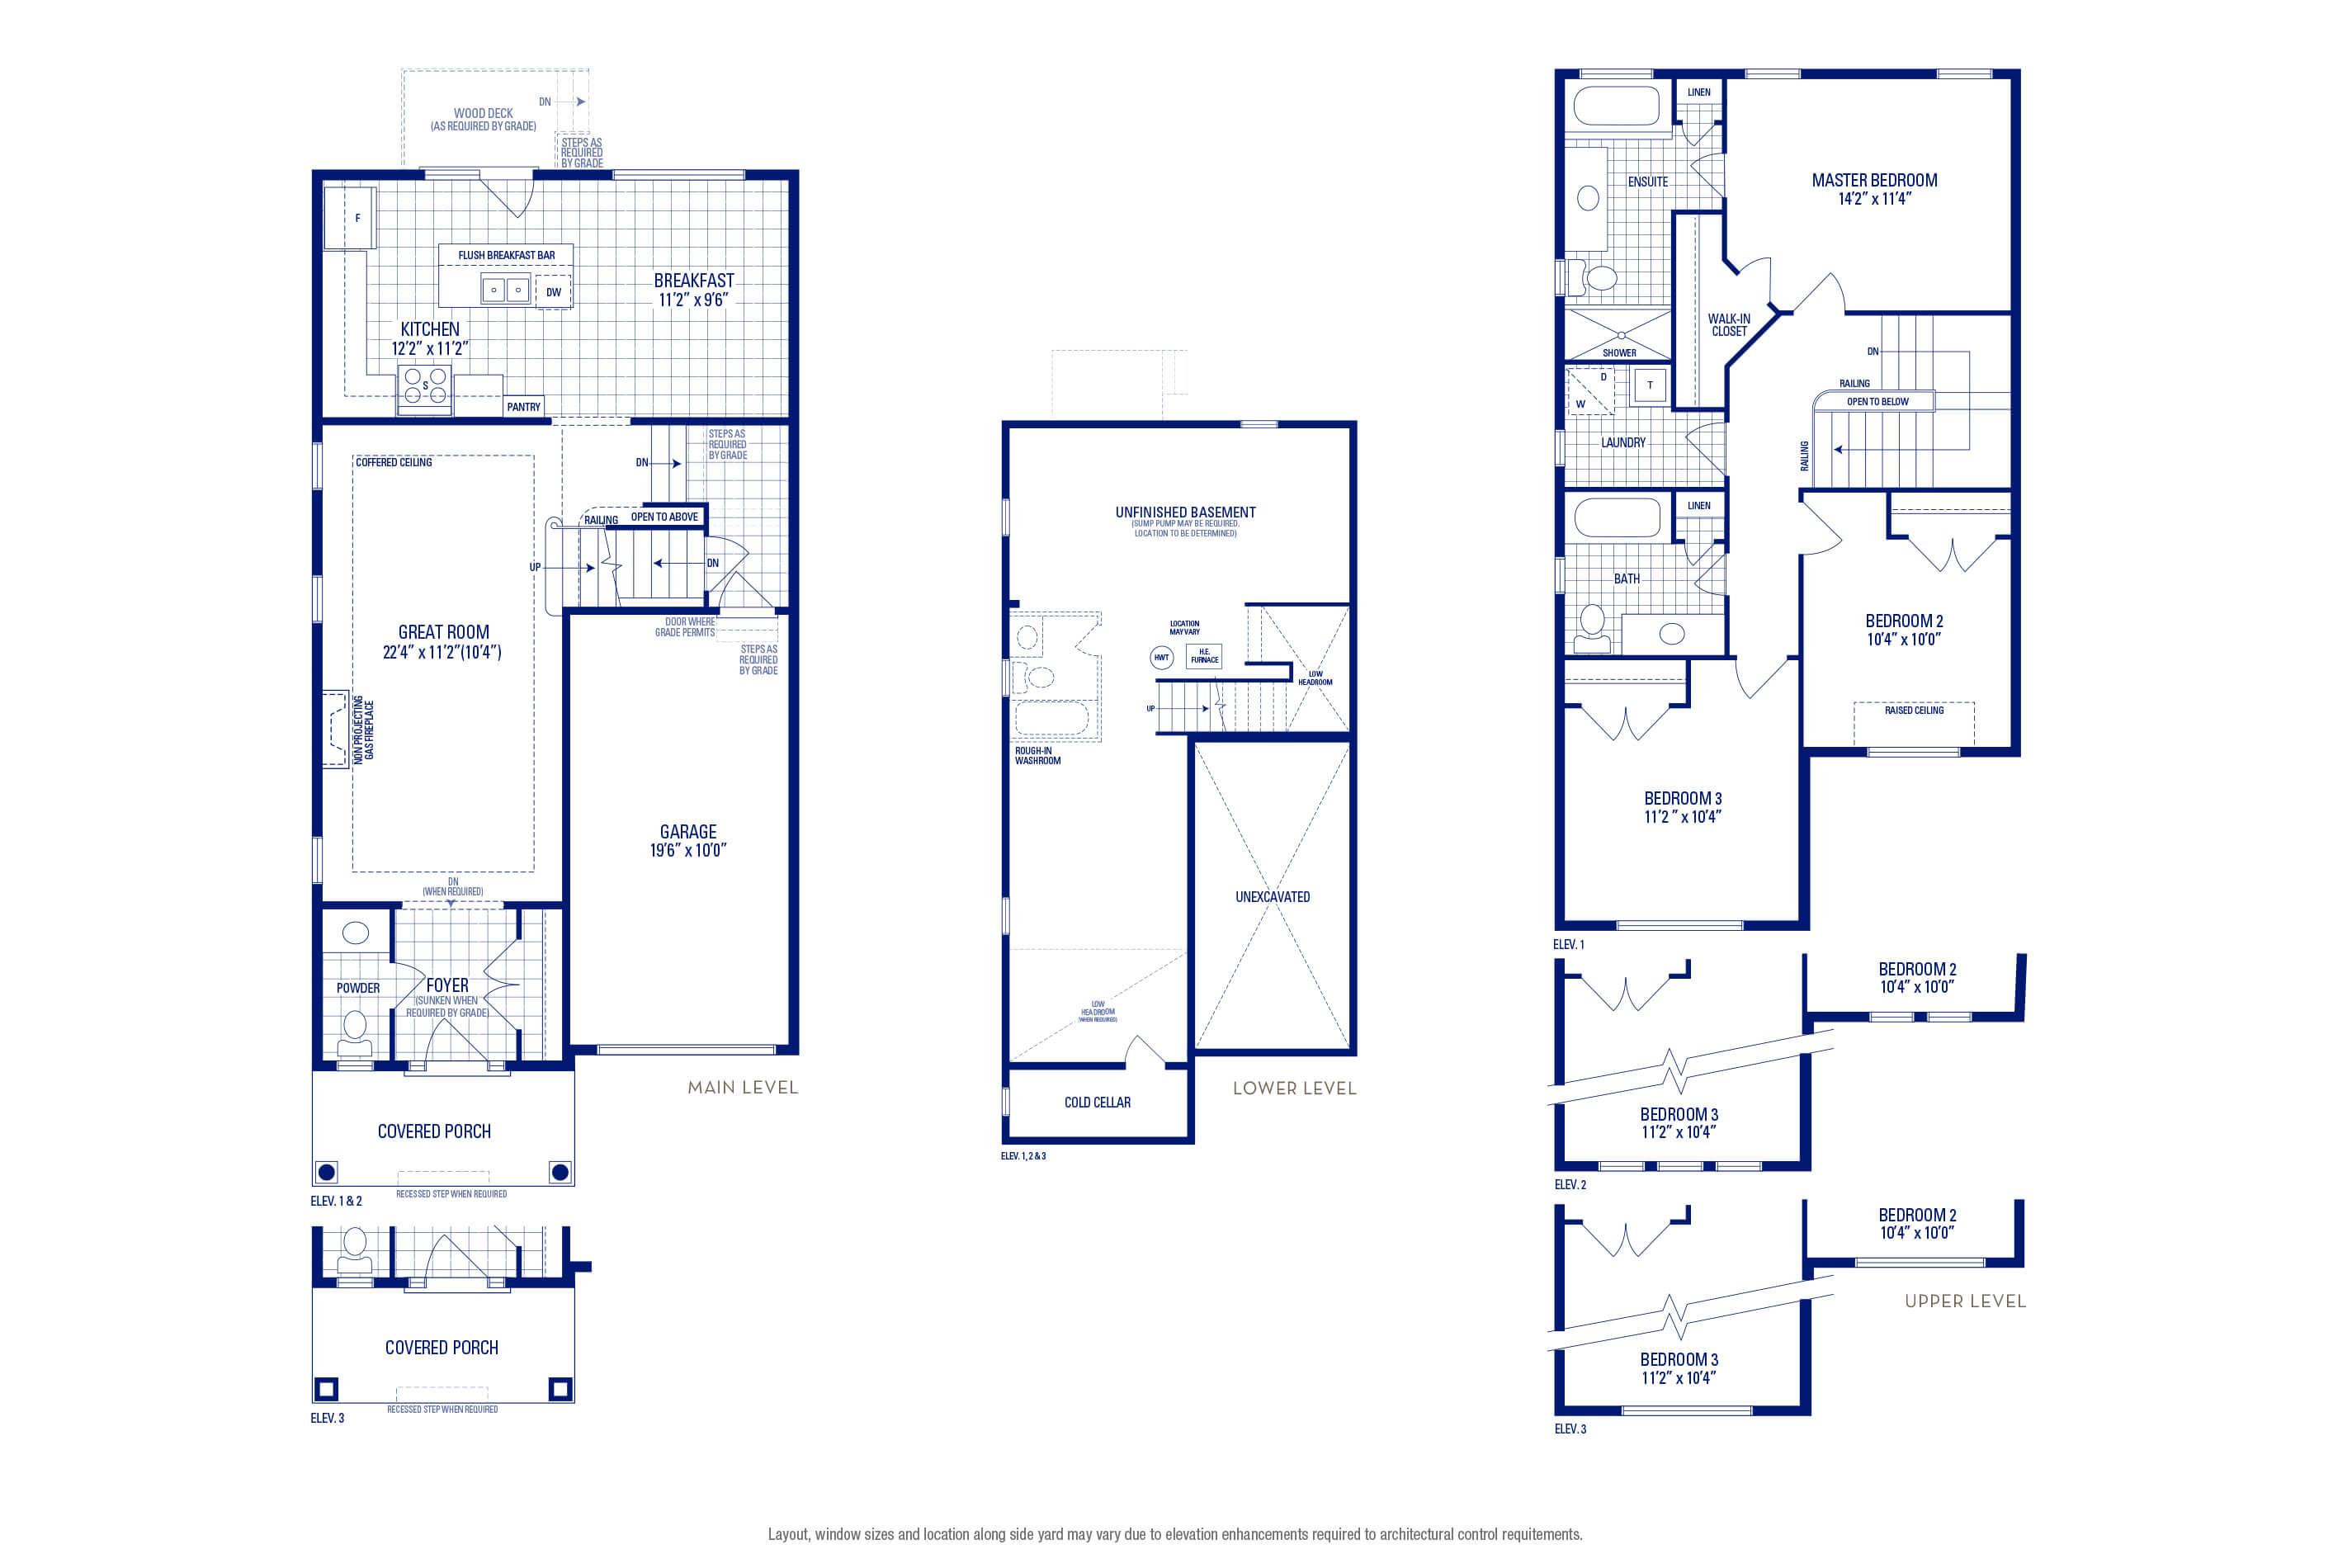 Heritage 01A Elev. 3 Floorplan